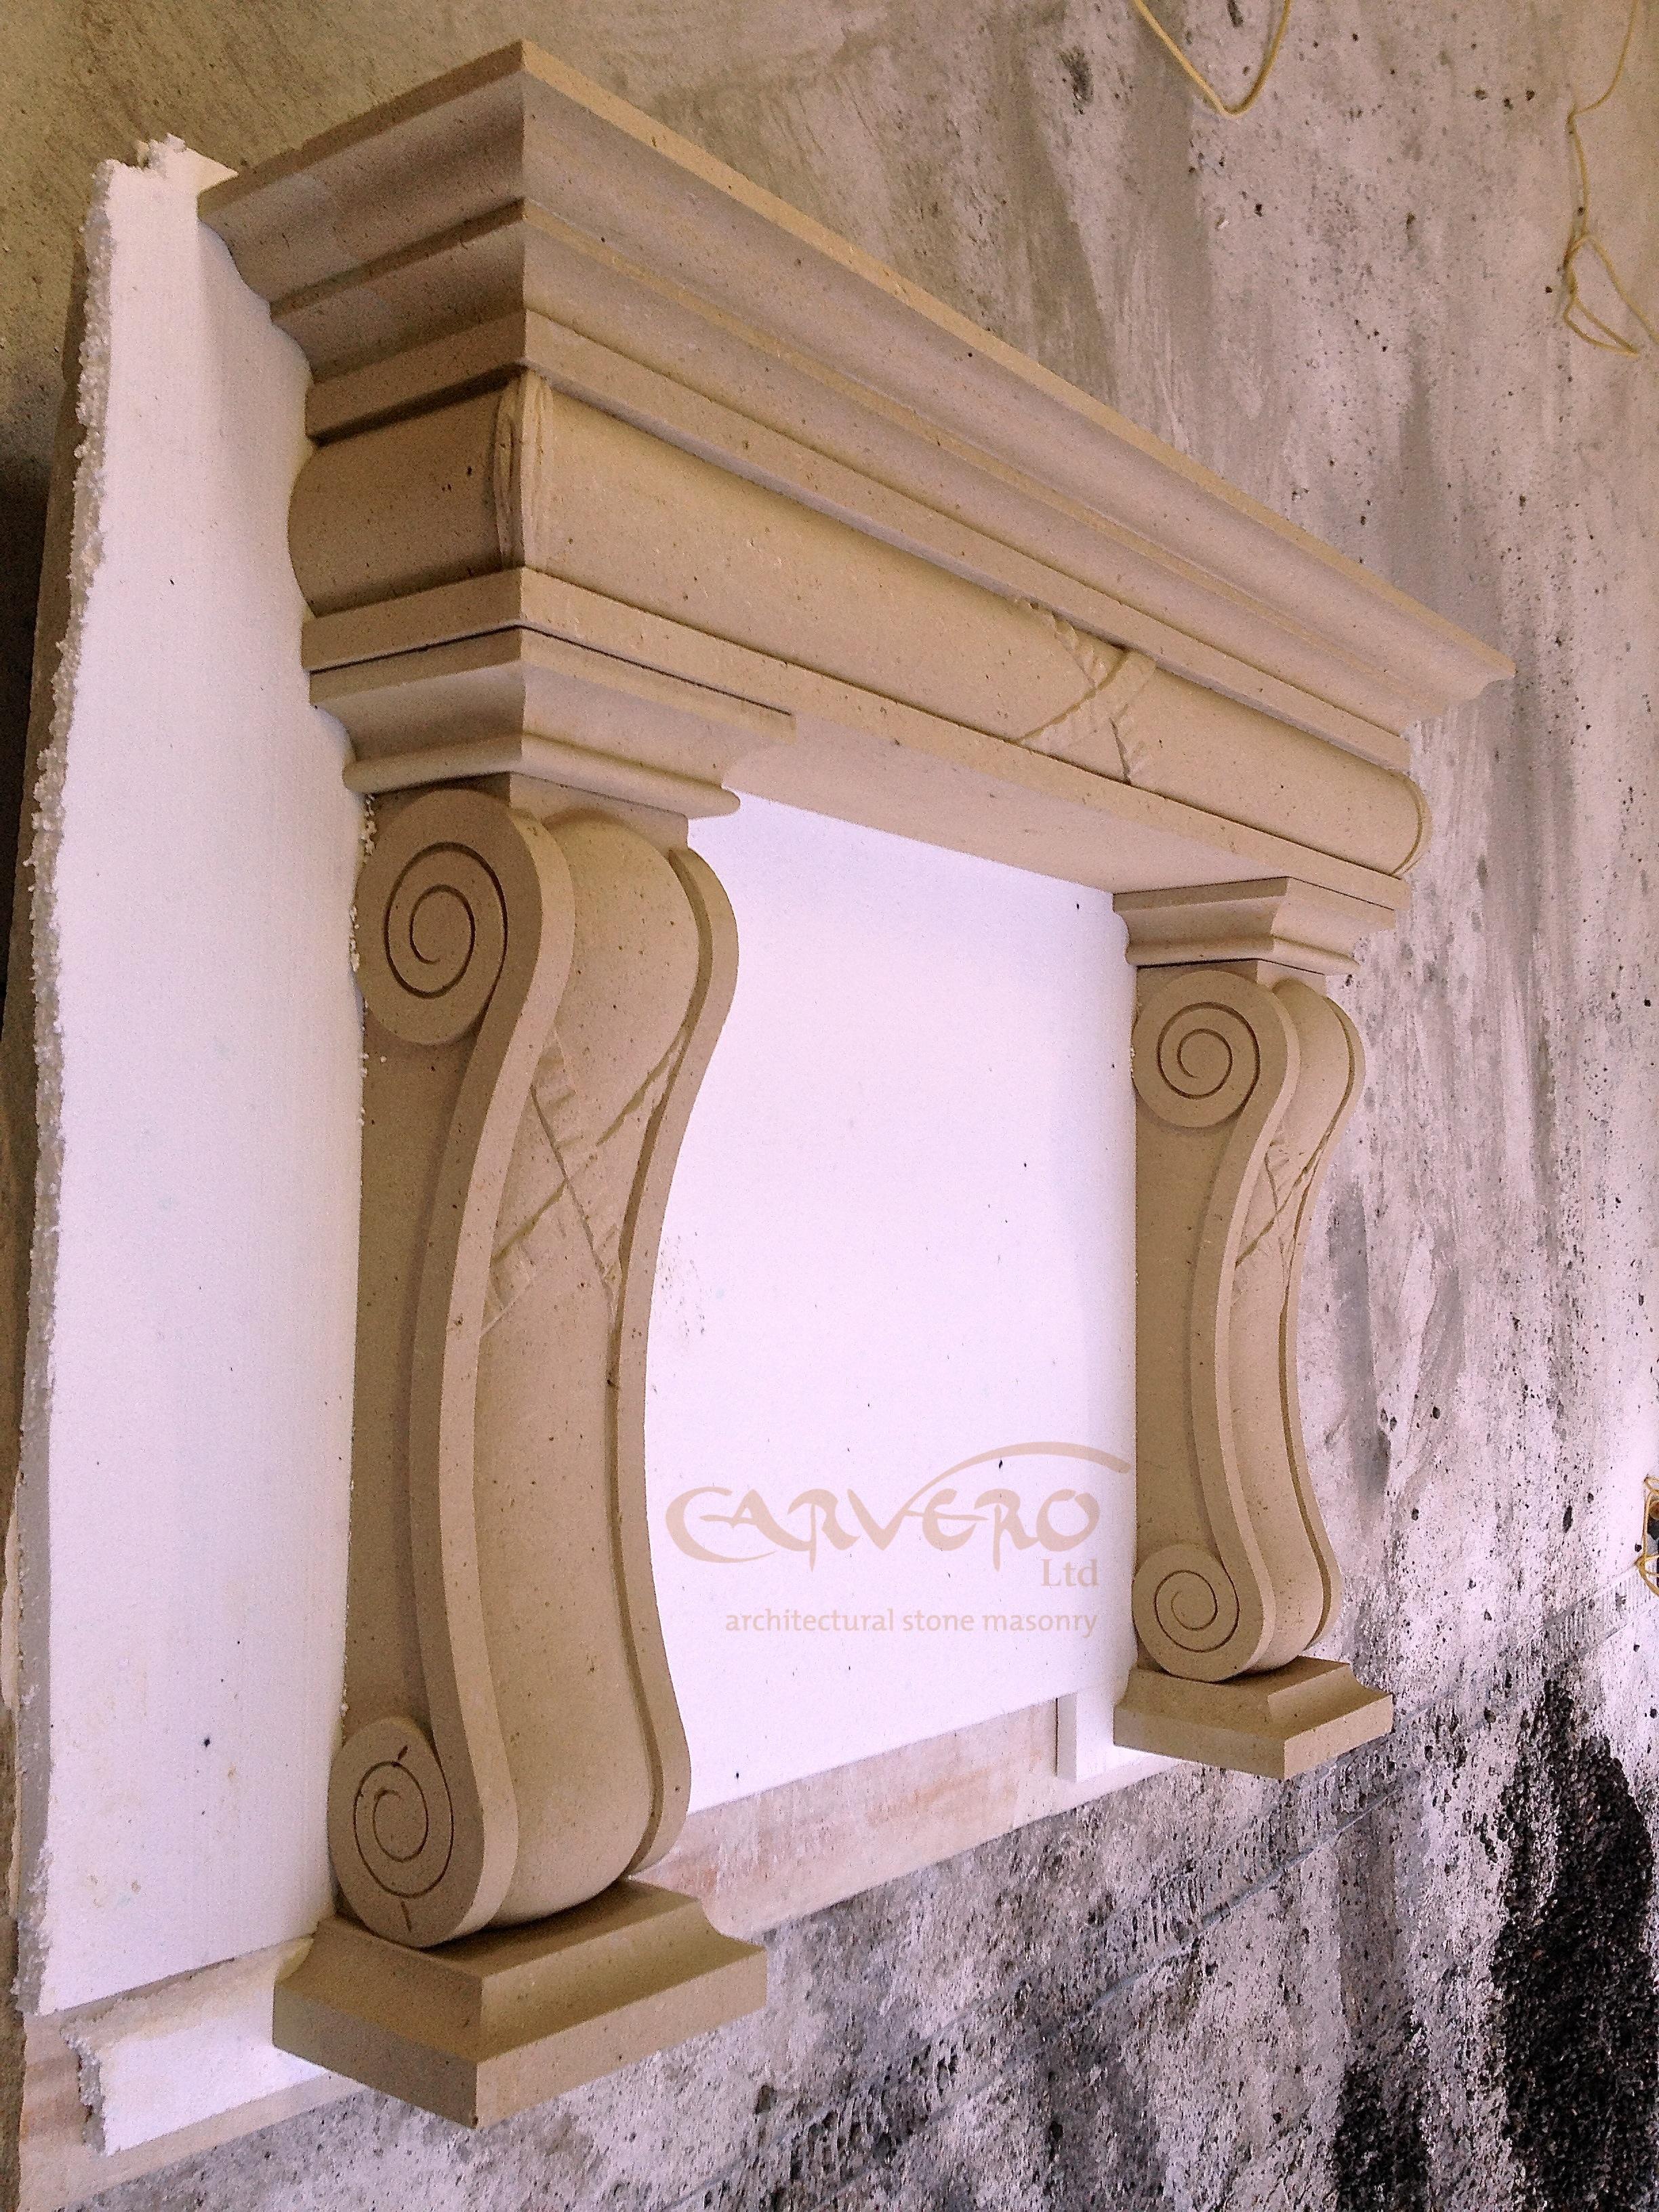 Bespoke Stone Fireplace Surrounds From Carvero Stonemasonry Carvero